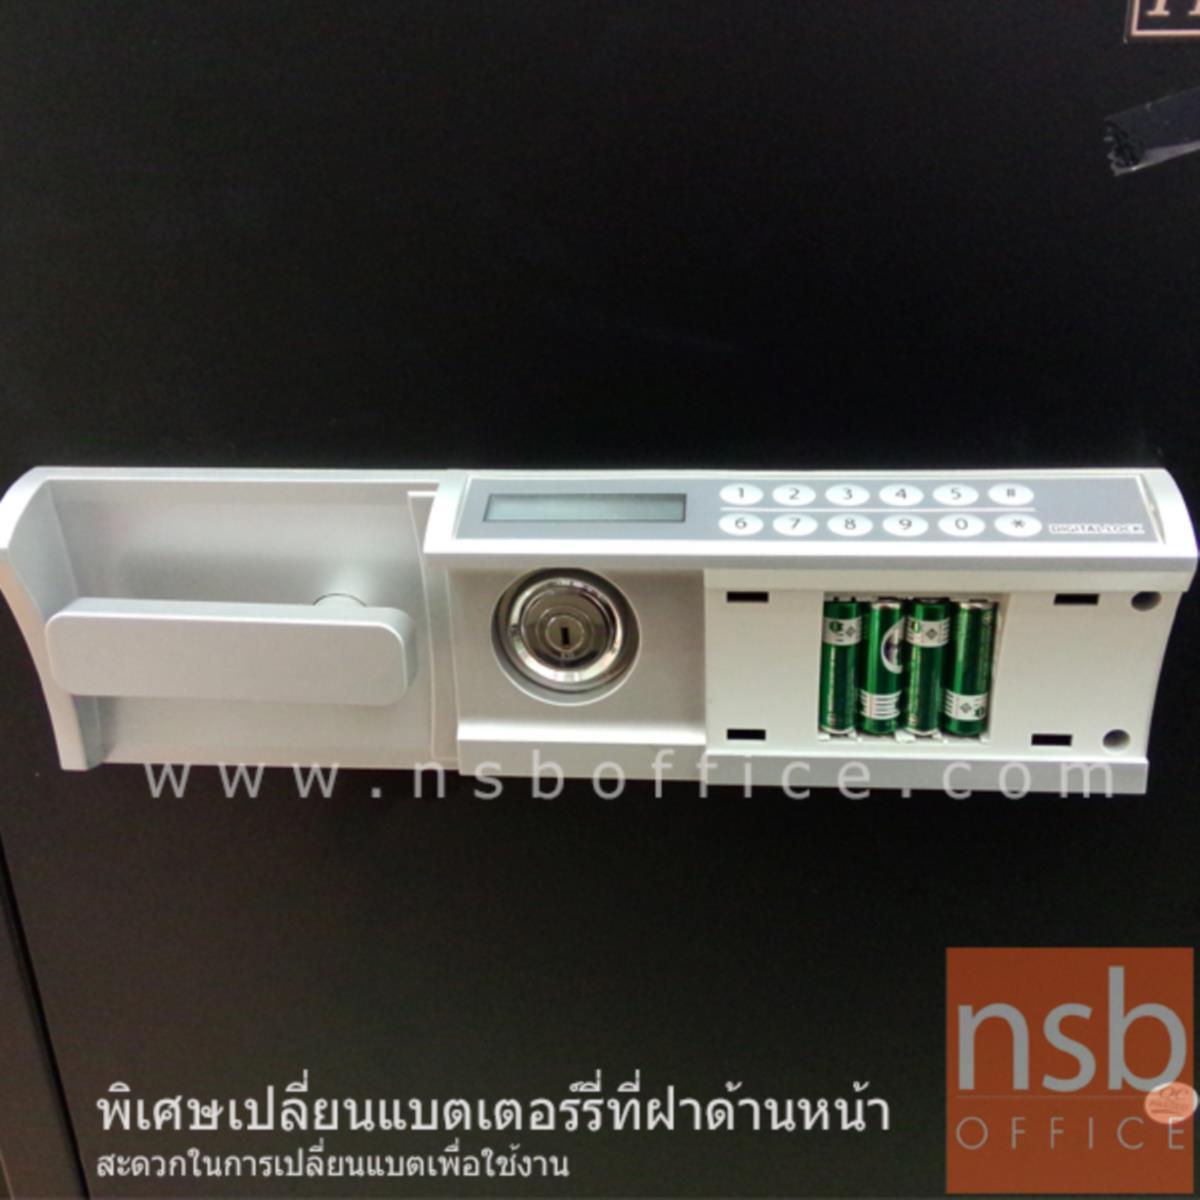 ตู้เซฟดิจิตอล 50 กก. แนวนอน รุ่น PRESIDENT-SS1D2 มี 1 กุญแจ 1 รหัส (รหัสใช้กดห